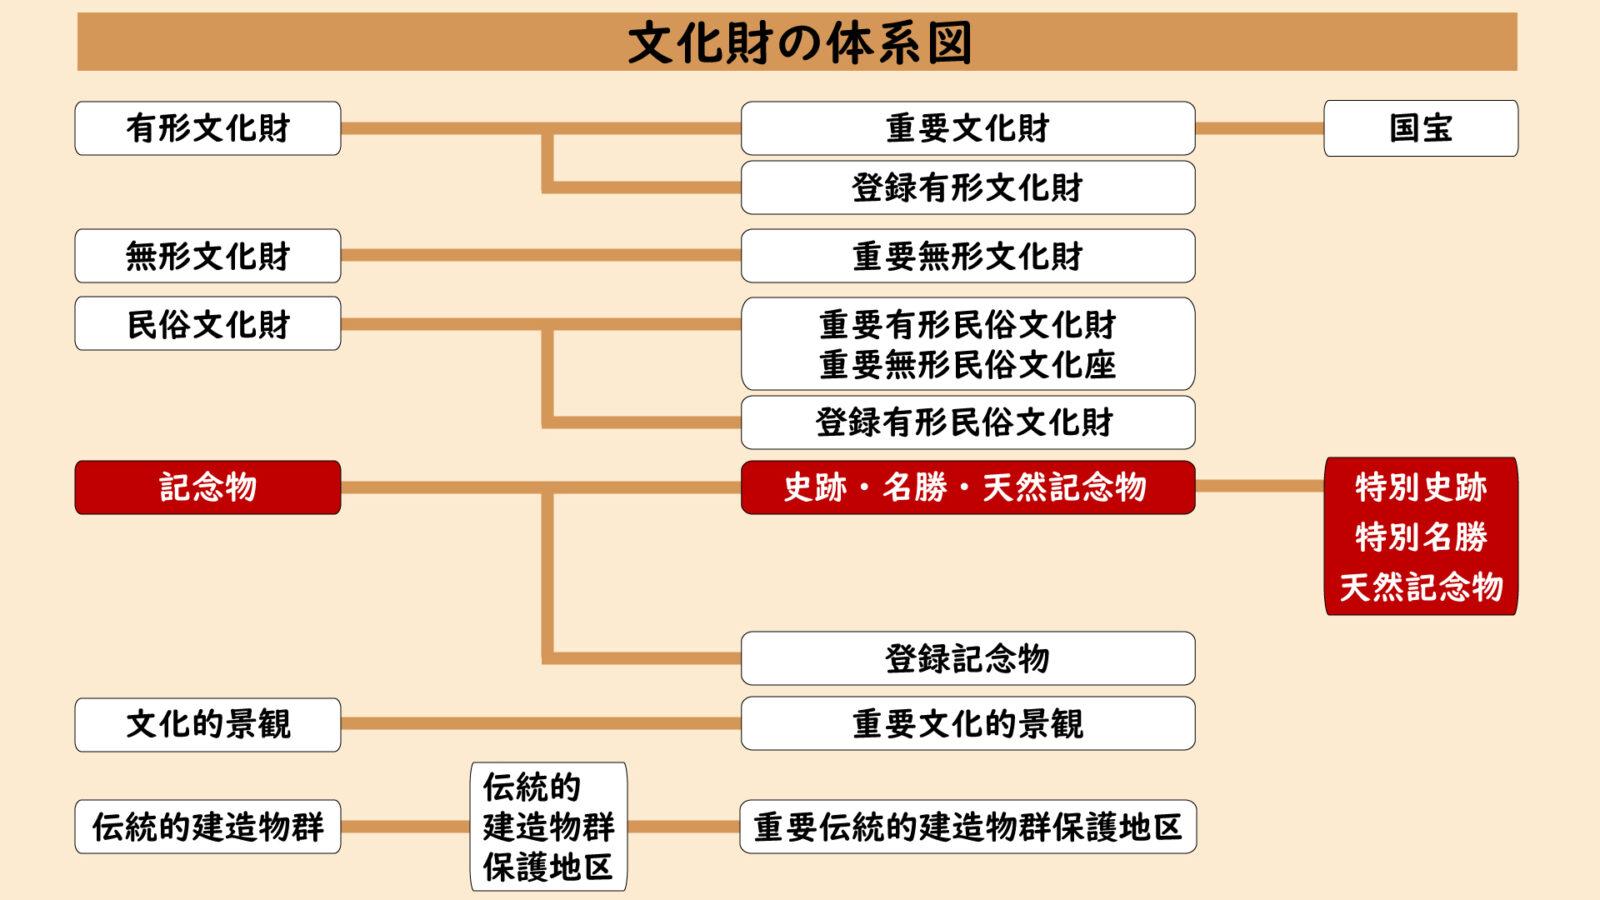 文化財の体系図(史跡・名勝・天然記念物)1920px